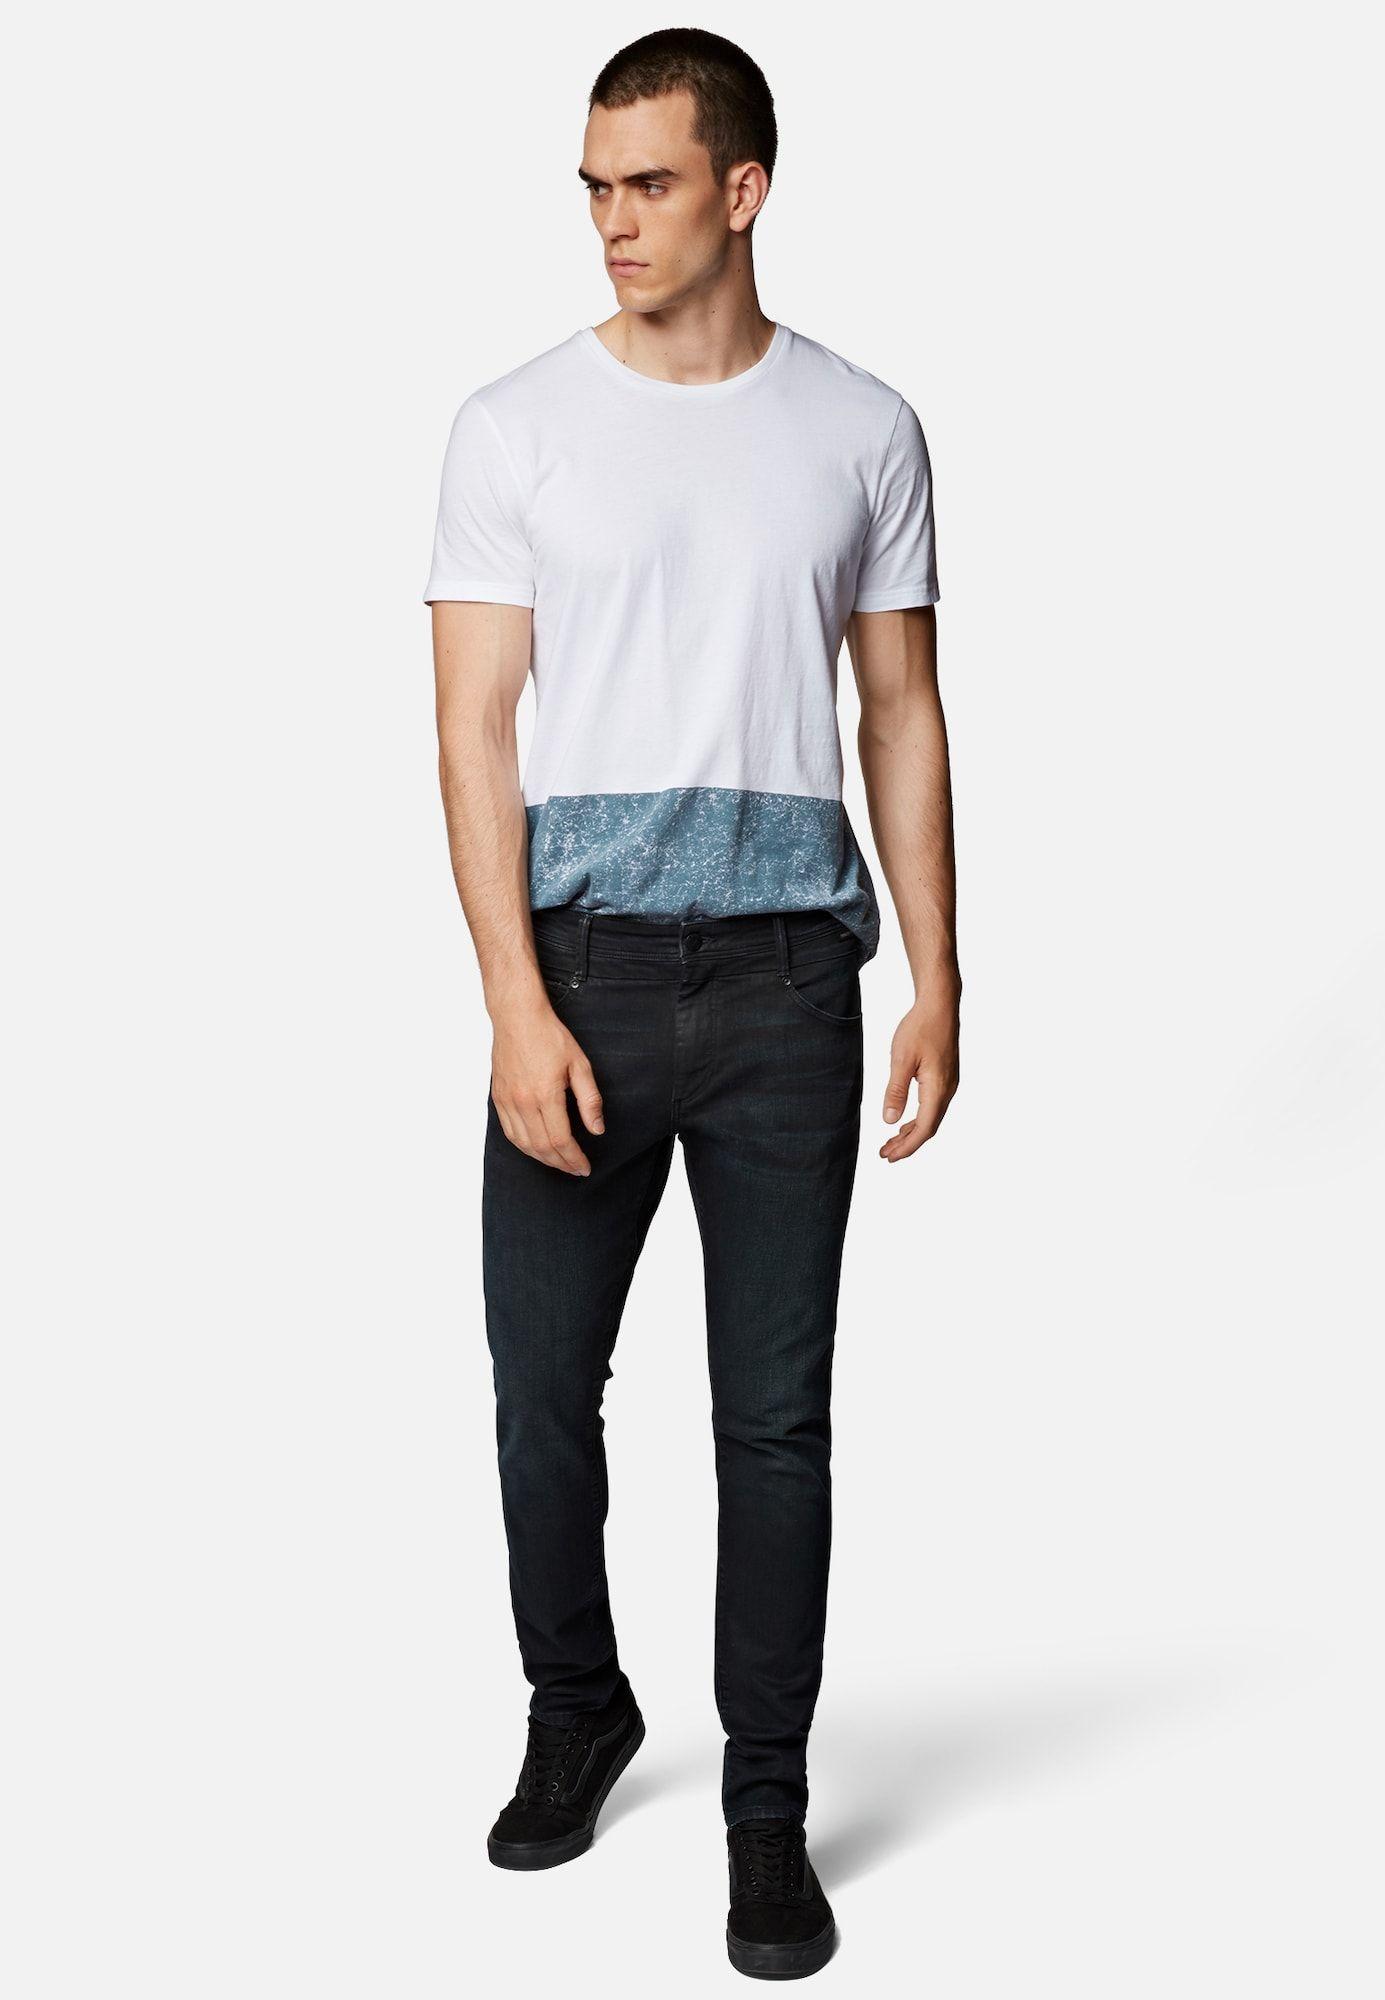 Mavi Jeans 'JAMES' Herren, Dunkelblau, Größe 38